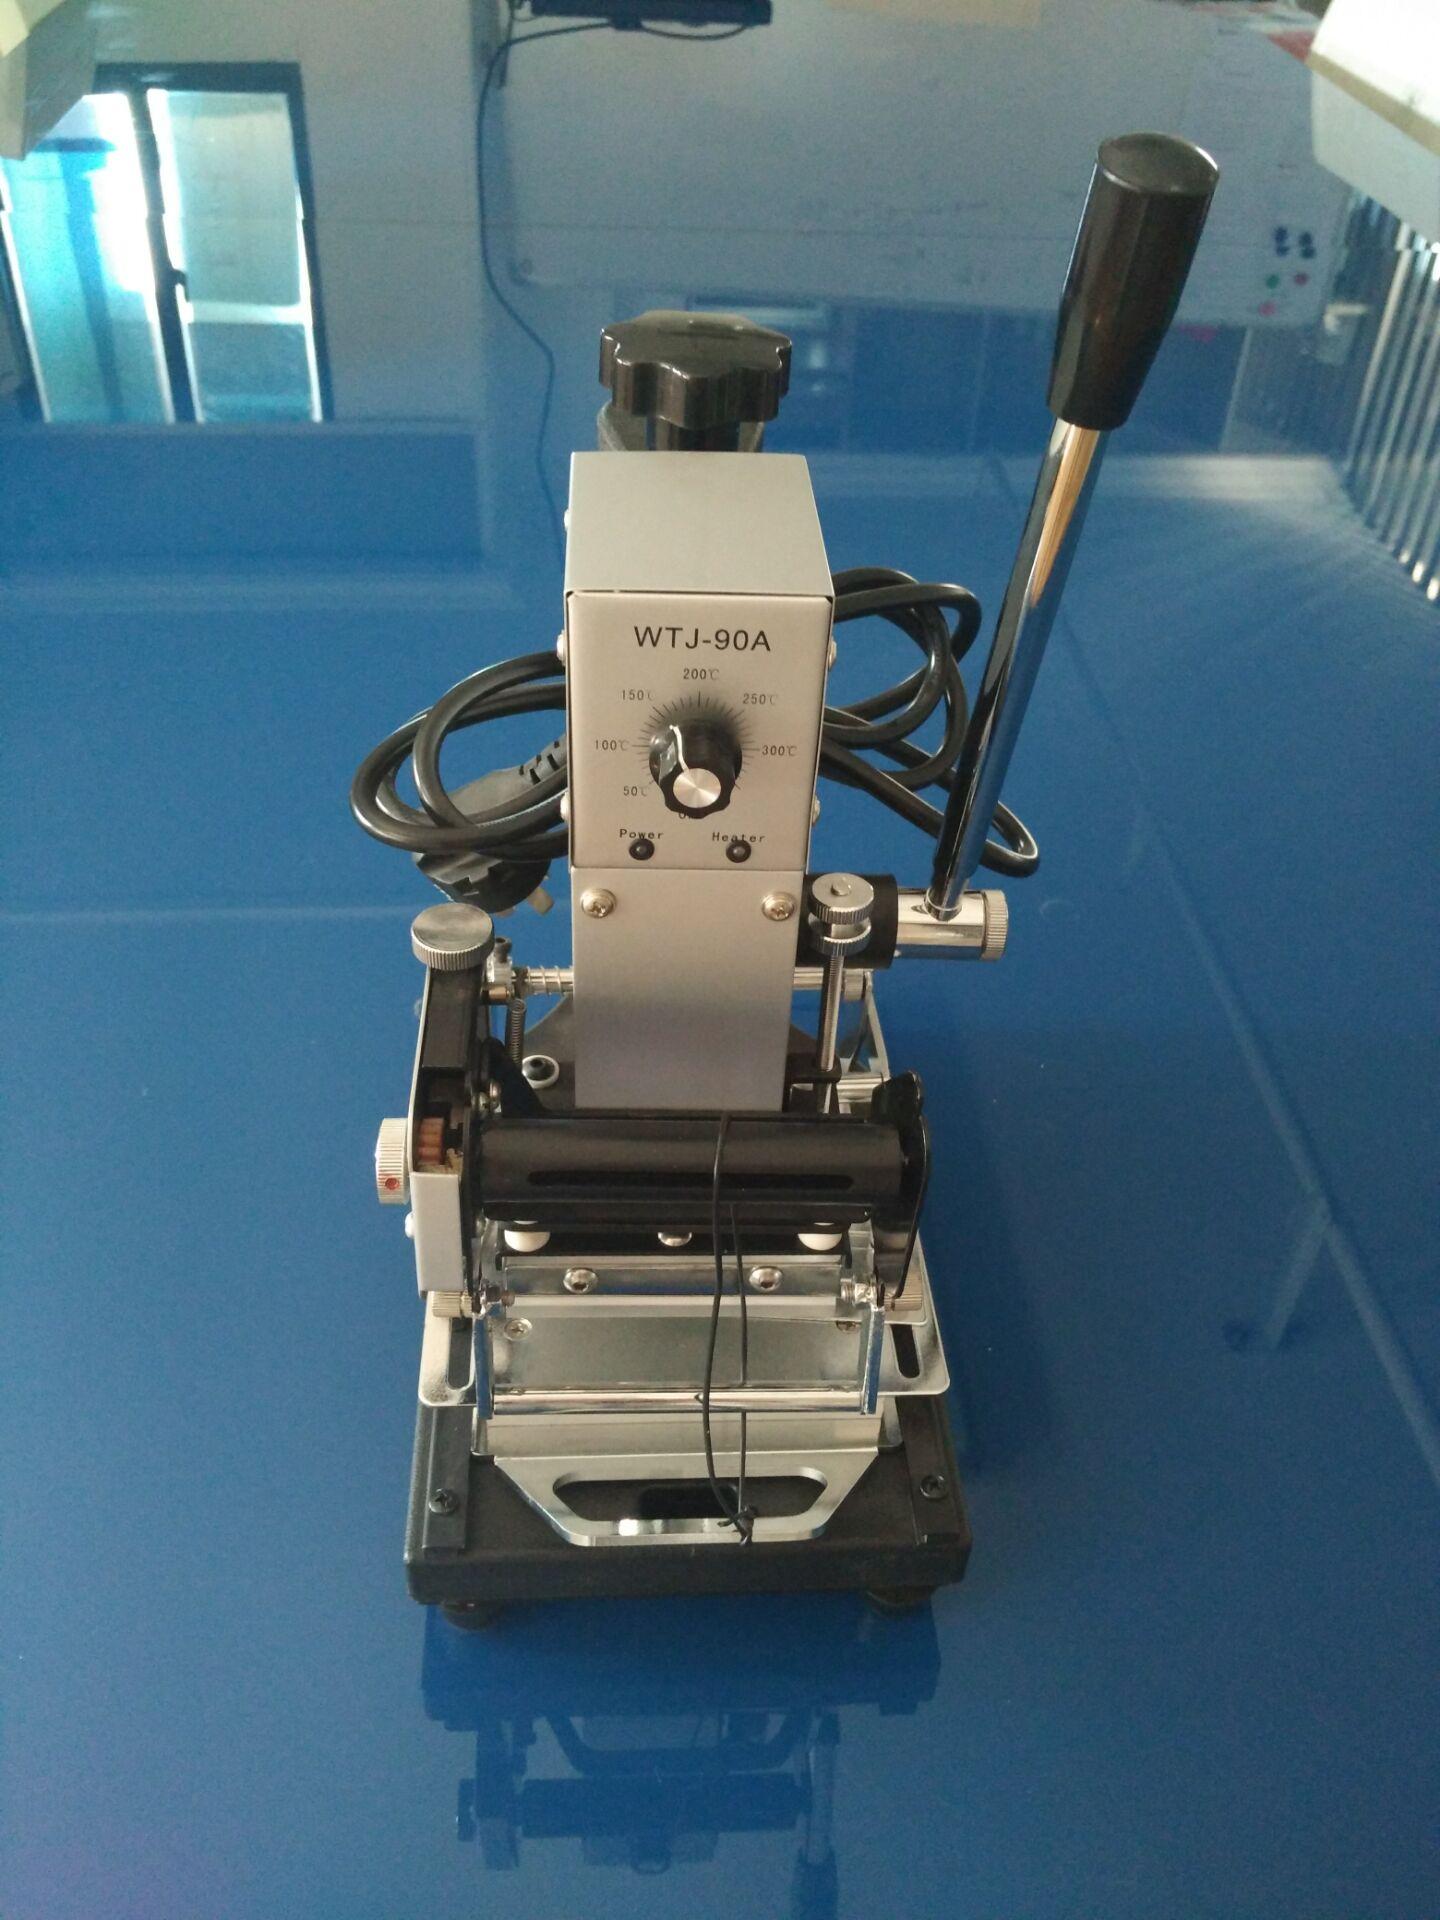 CNJ-90 hot stamper